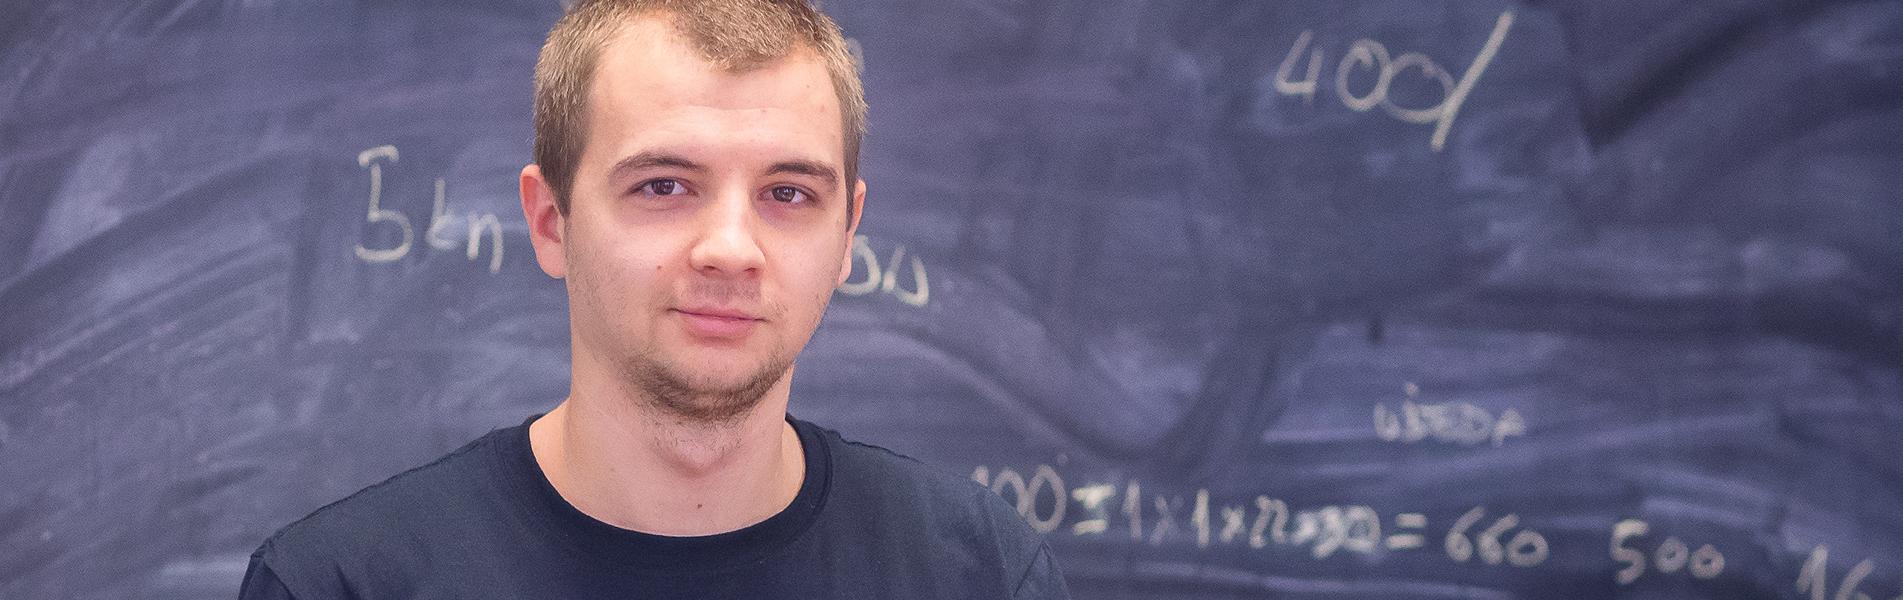 Image for Emanuel Miličević